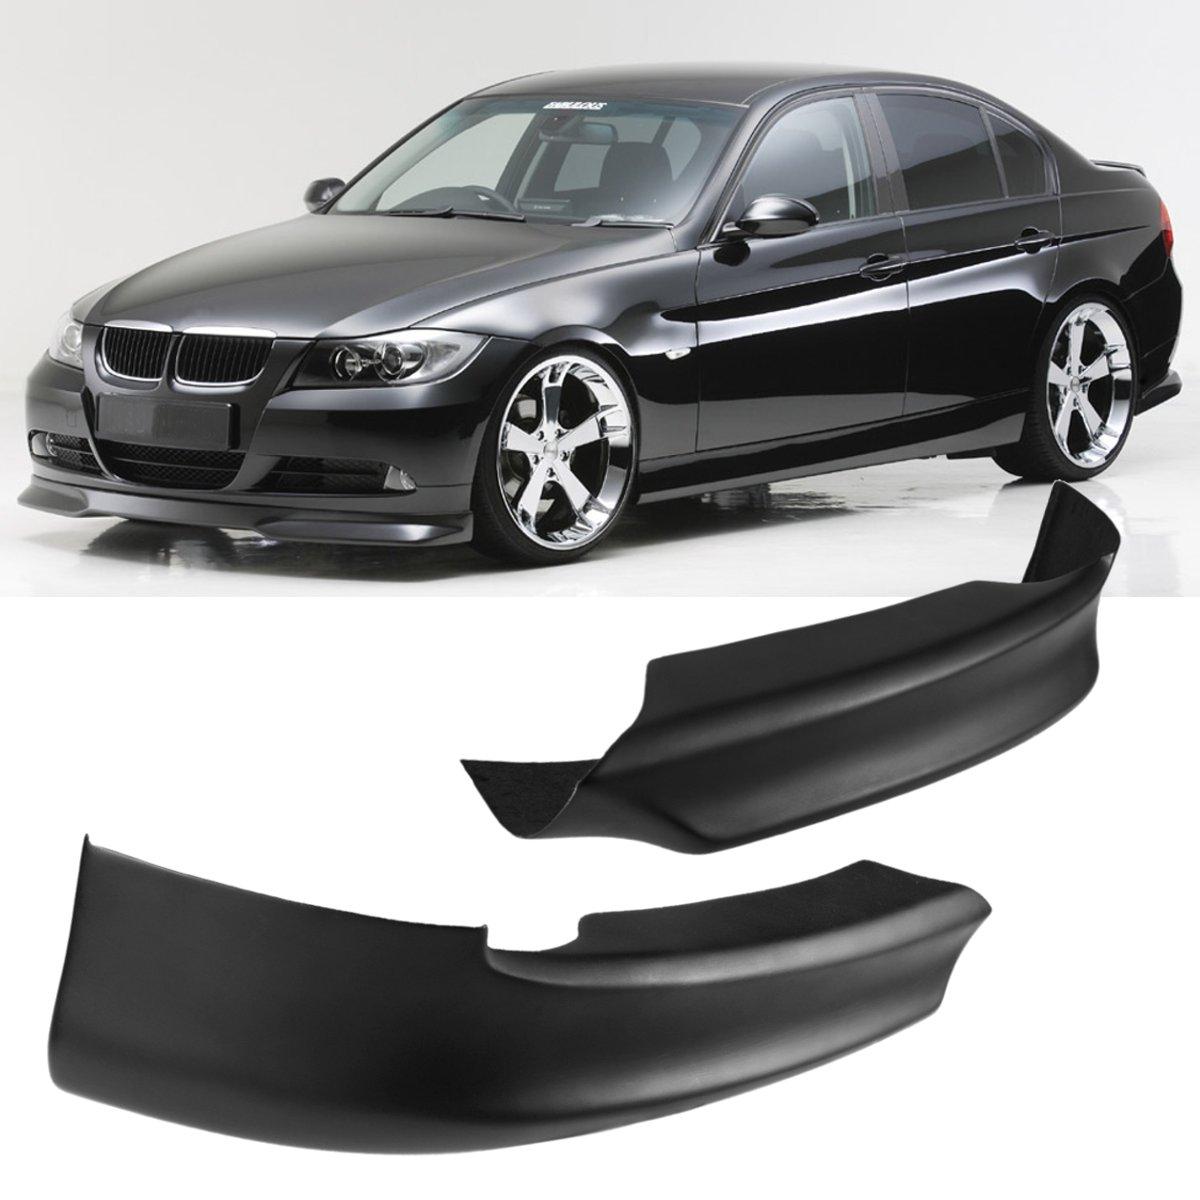 A Pair Front Bumper Lip Spoiler Splitter High quality For BMW E90 325i 335i 328i 330i 2005-2008 спойлер bmw e90 318i 320i 325i 330i m3